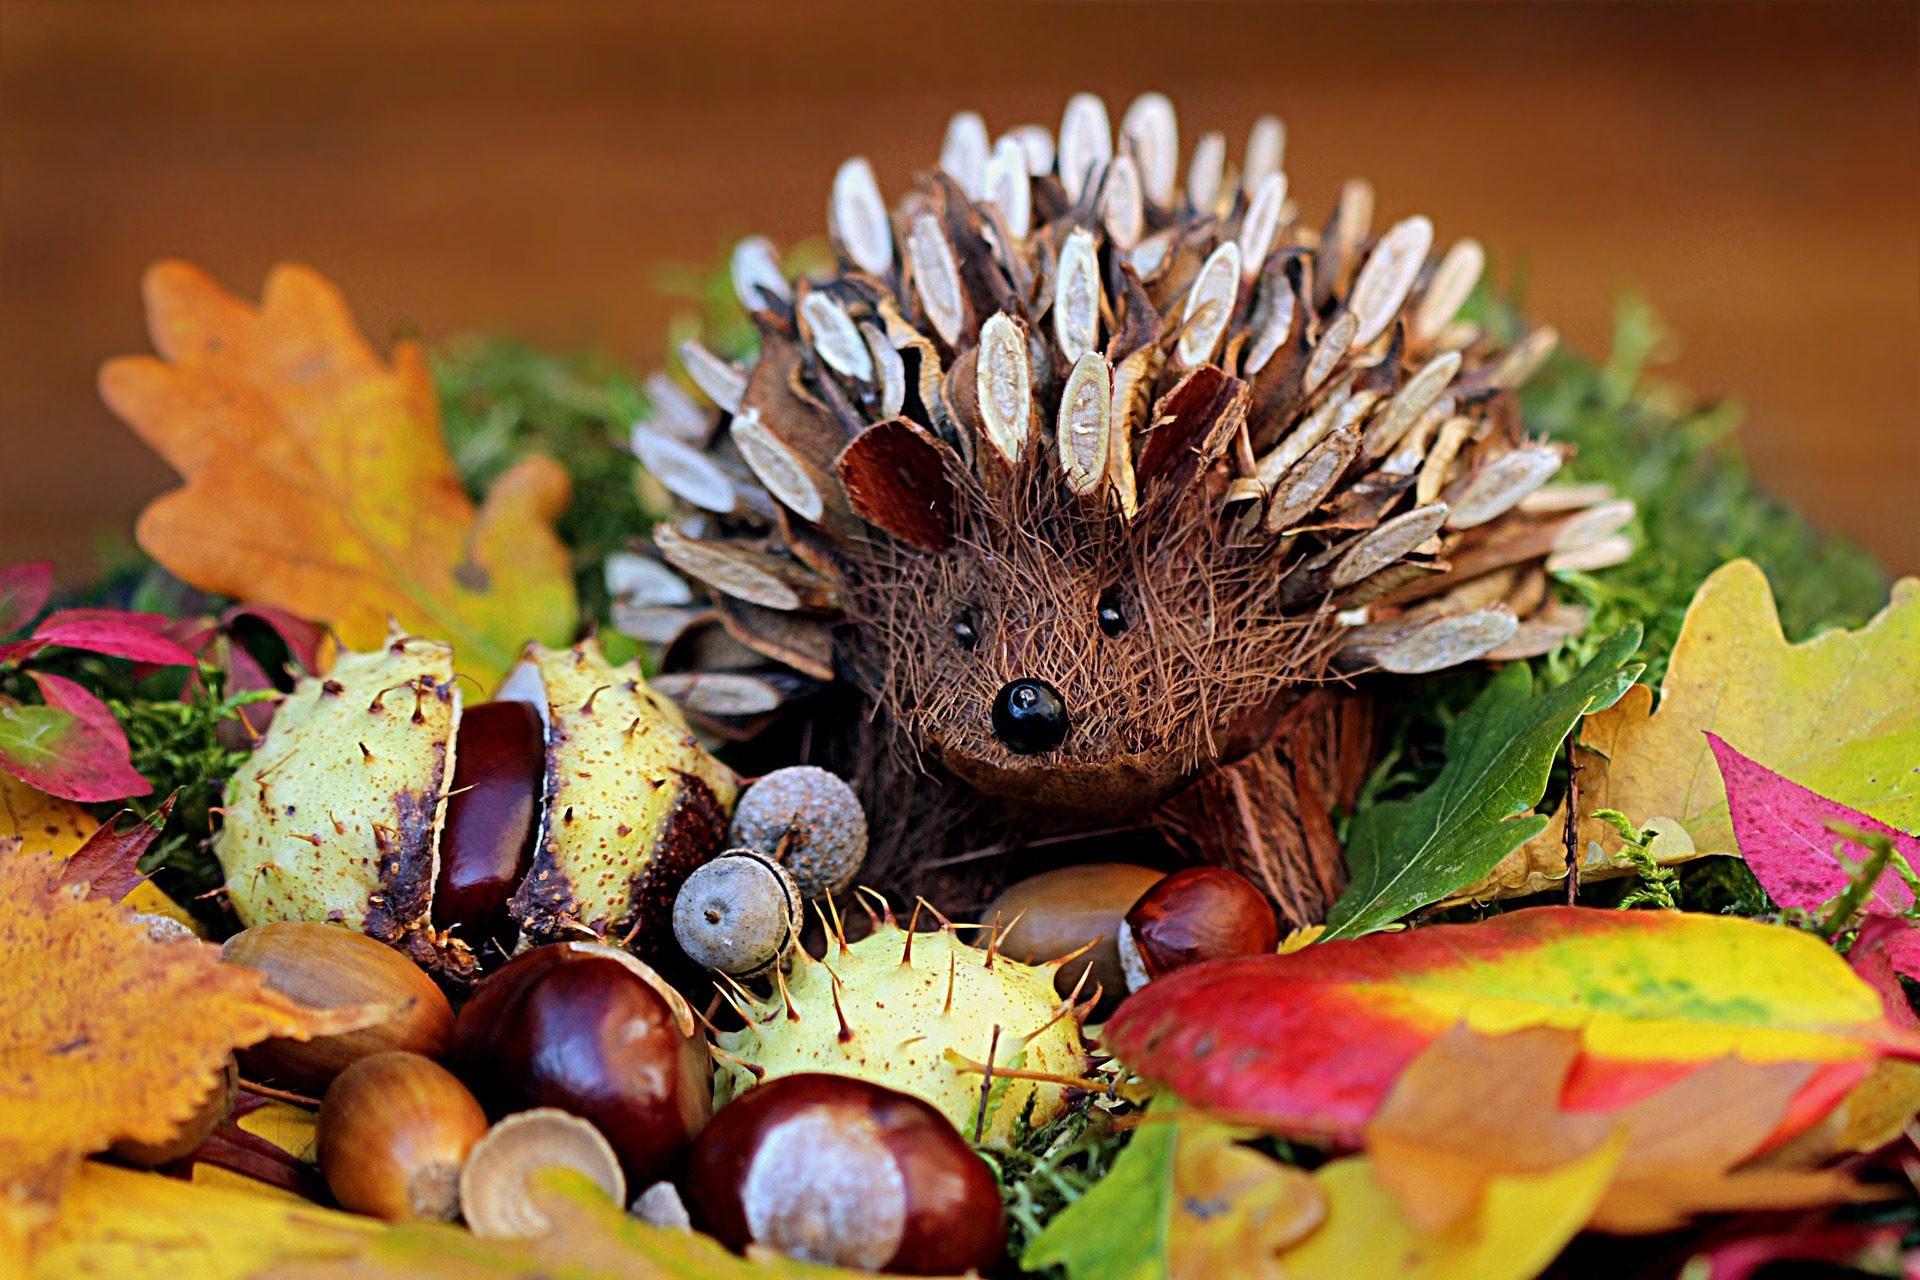 Еж Соник, Украшение, листья, Желуди, сухие - Обои HD - Профессор falken.com